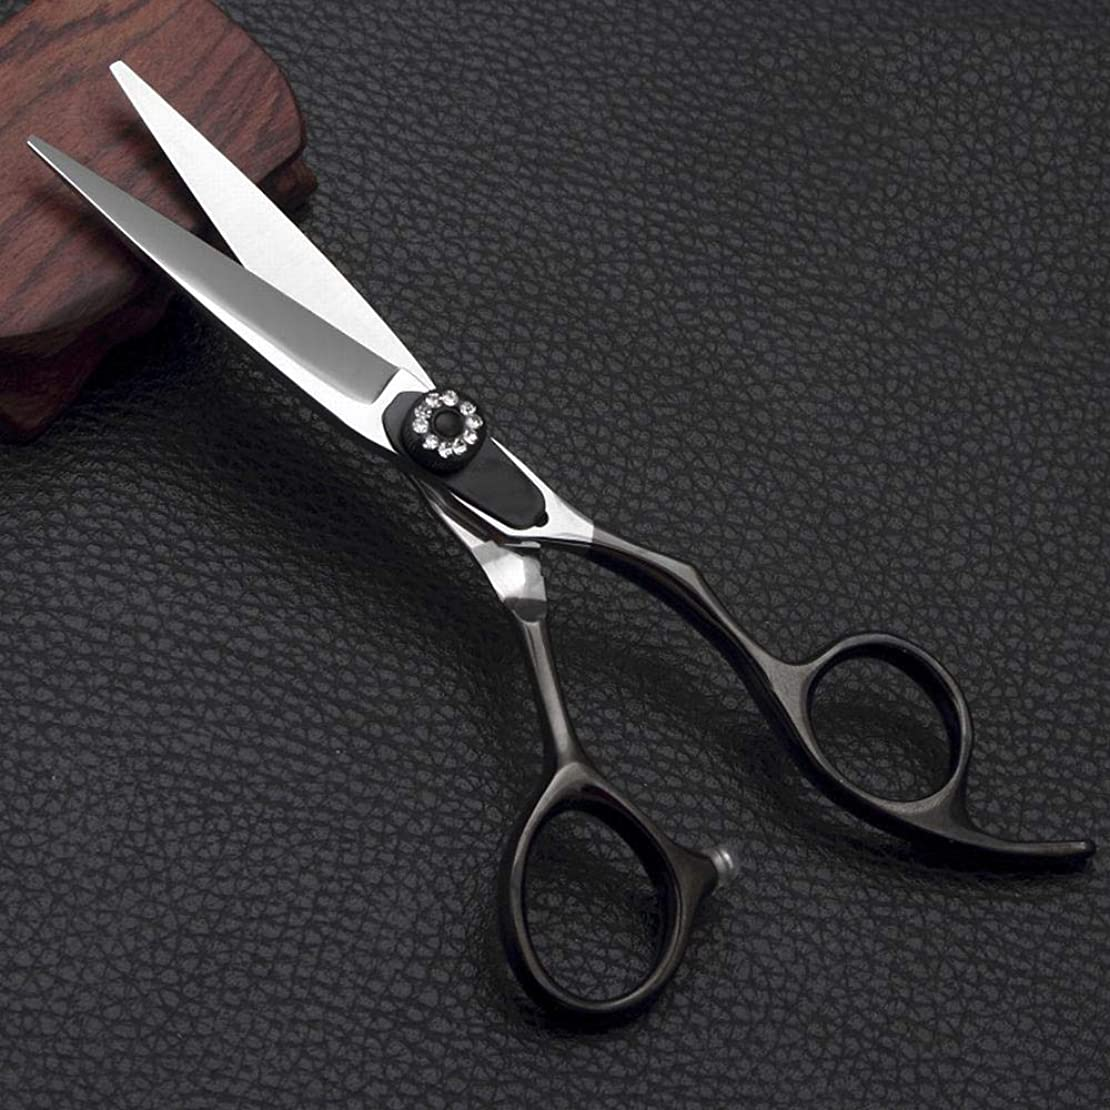 Jiabei 理髪師の特別な理髪はさみ、5.5インチの専門のヘアカットの平らなせん断はさみ (色 : 黒)